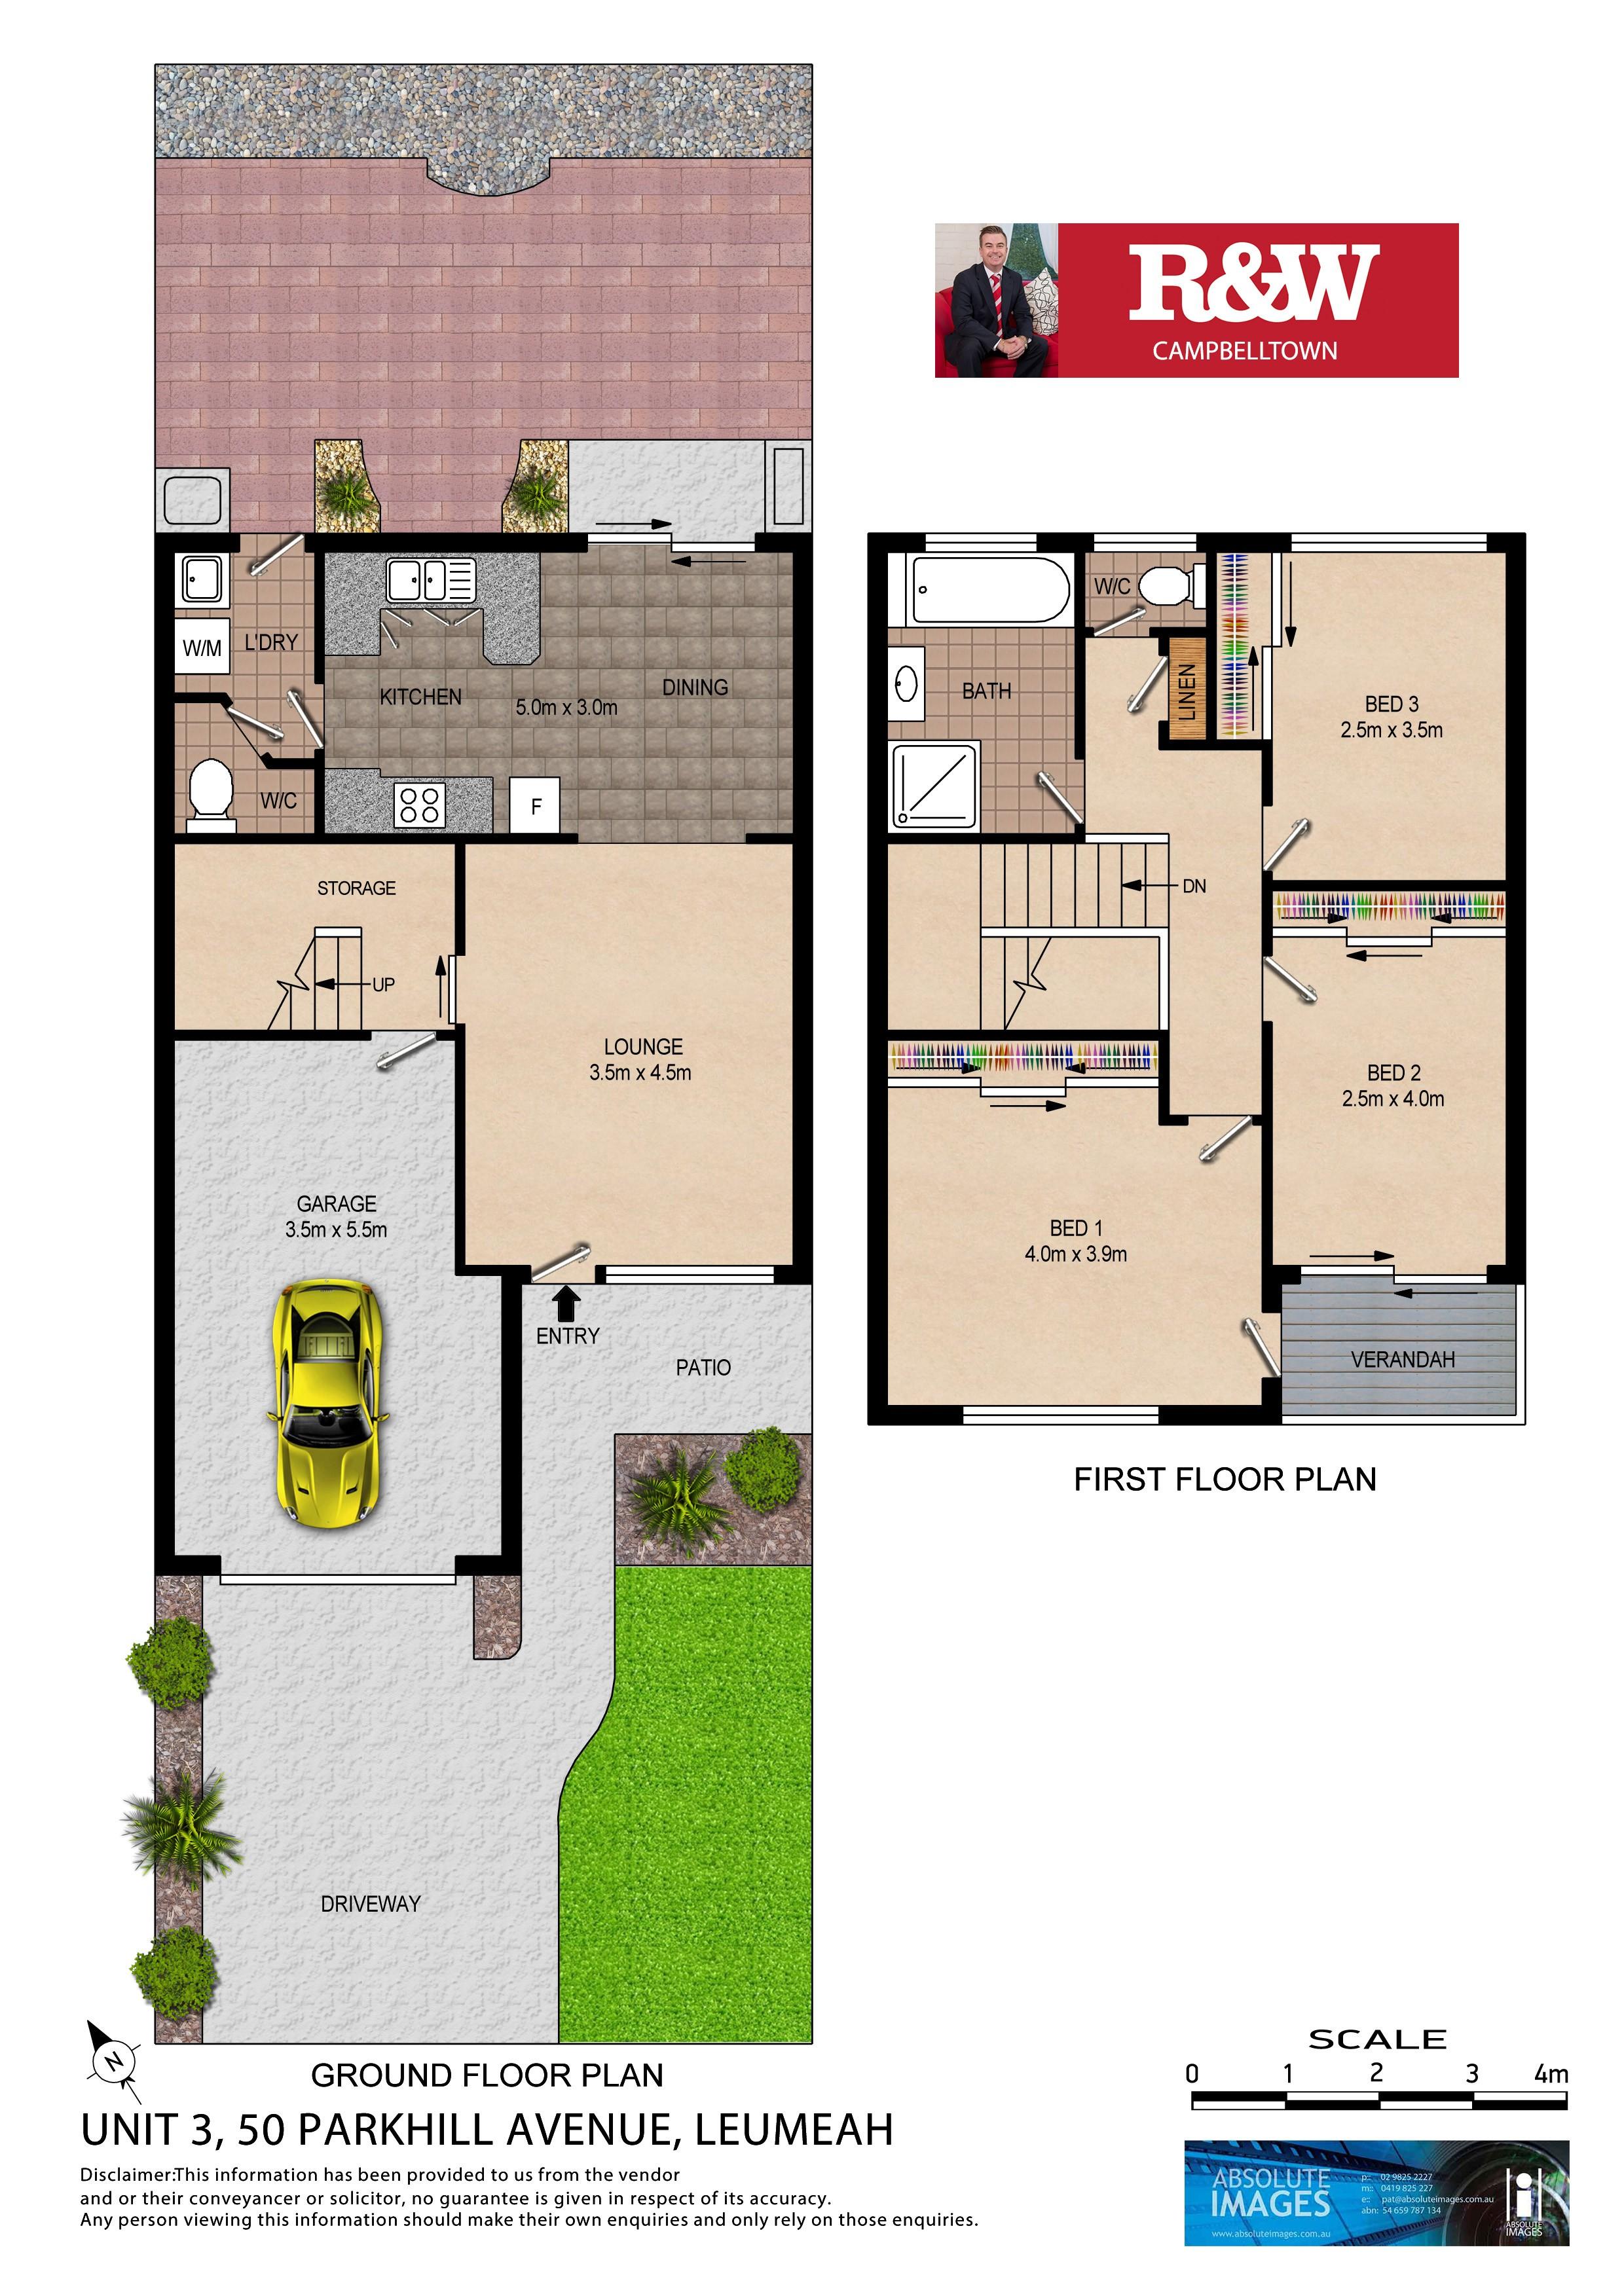 Unit 3, 50 Parkhill Avenue Leumeah